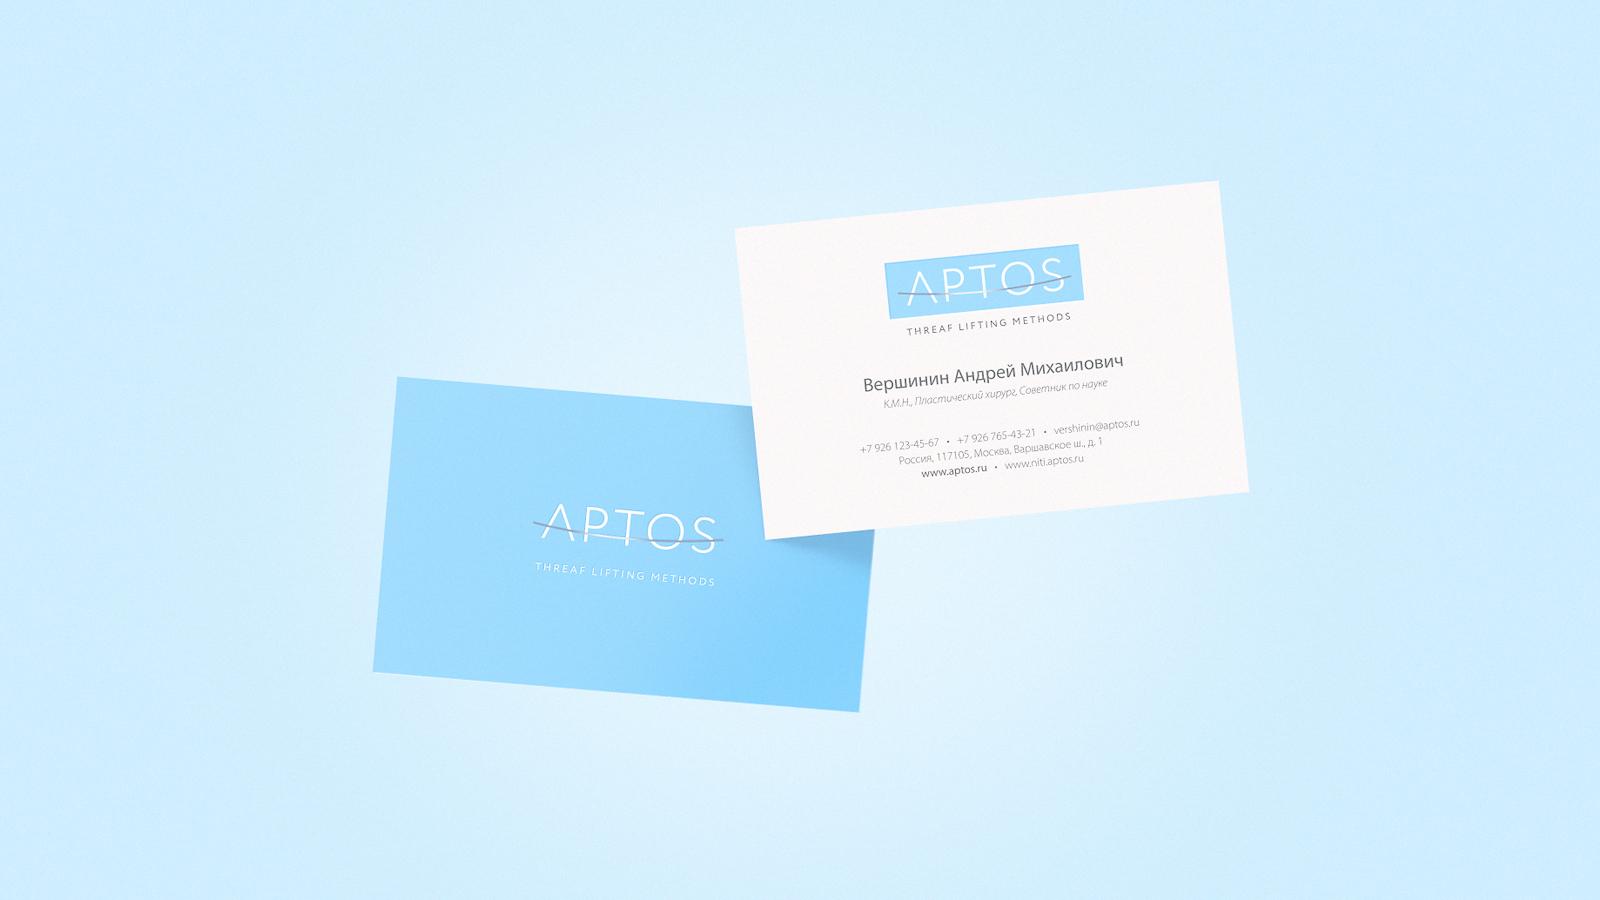 Дизайн логотипа и разработка фирменного стиля бренда создателя технологии нитевого лифтинга Aptos